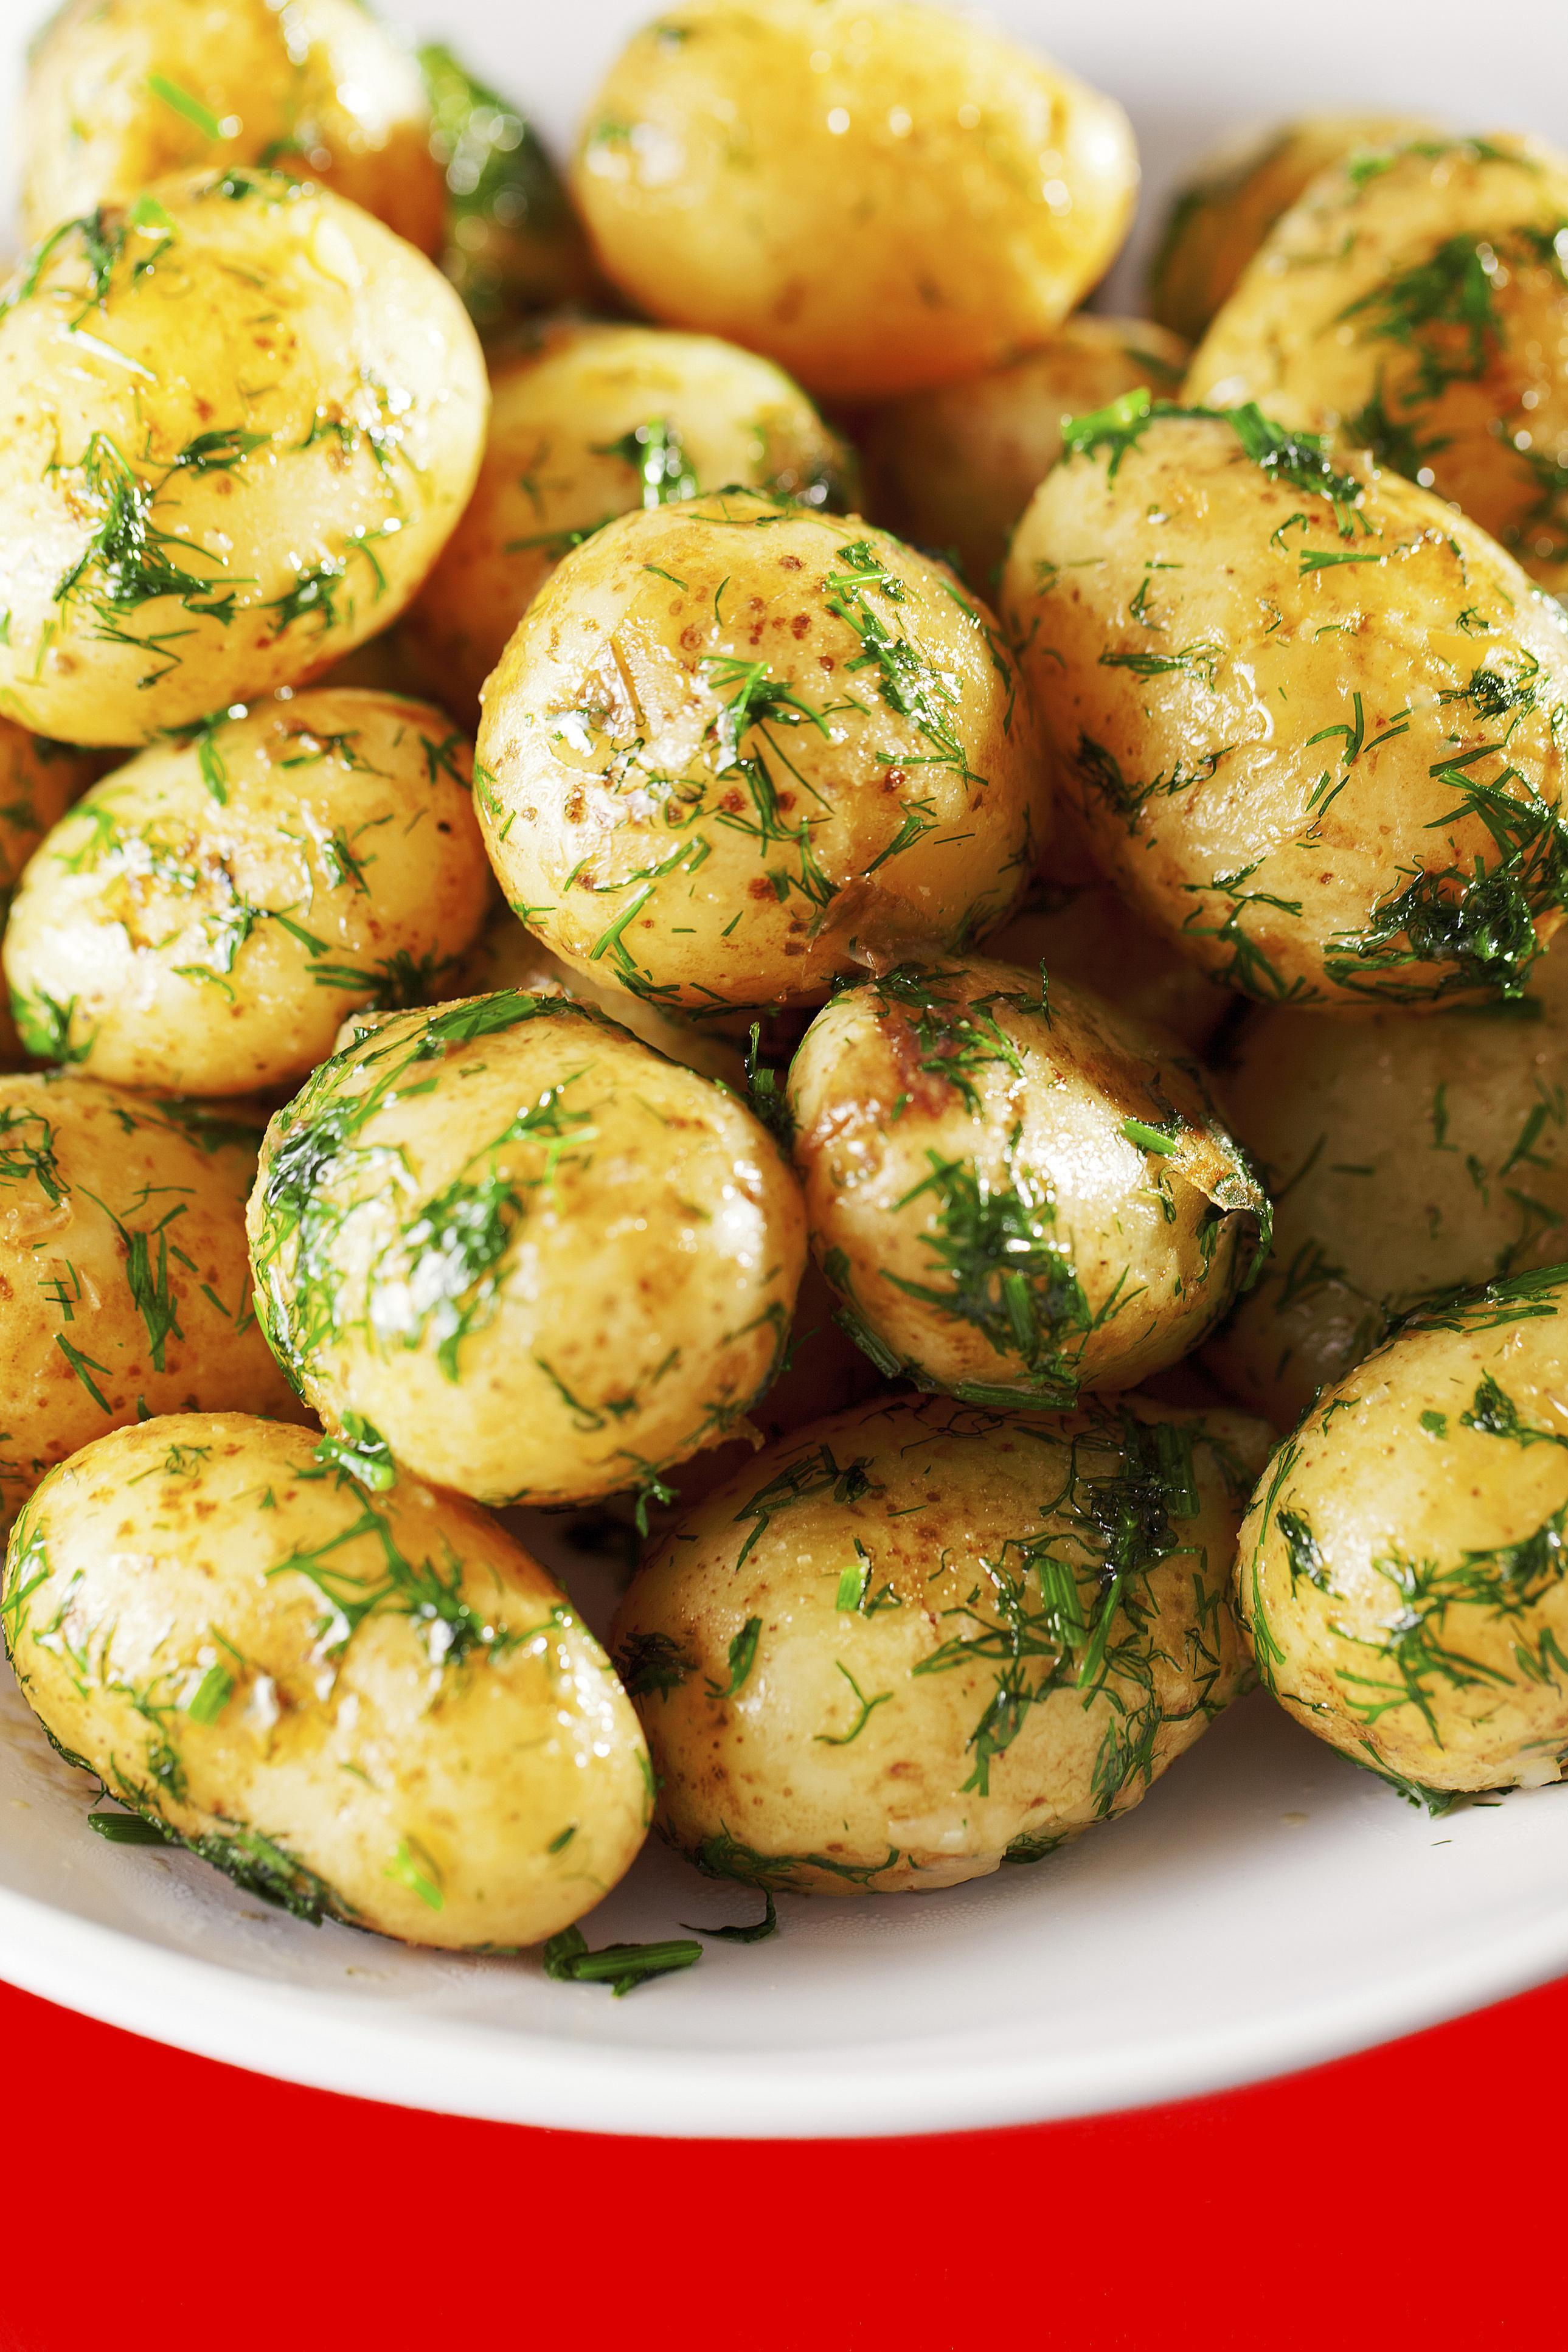 картошка в мундире рецепт с фото центре площади большой